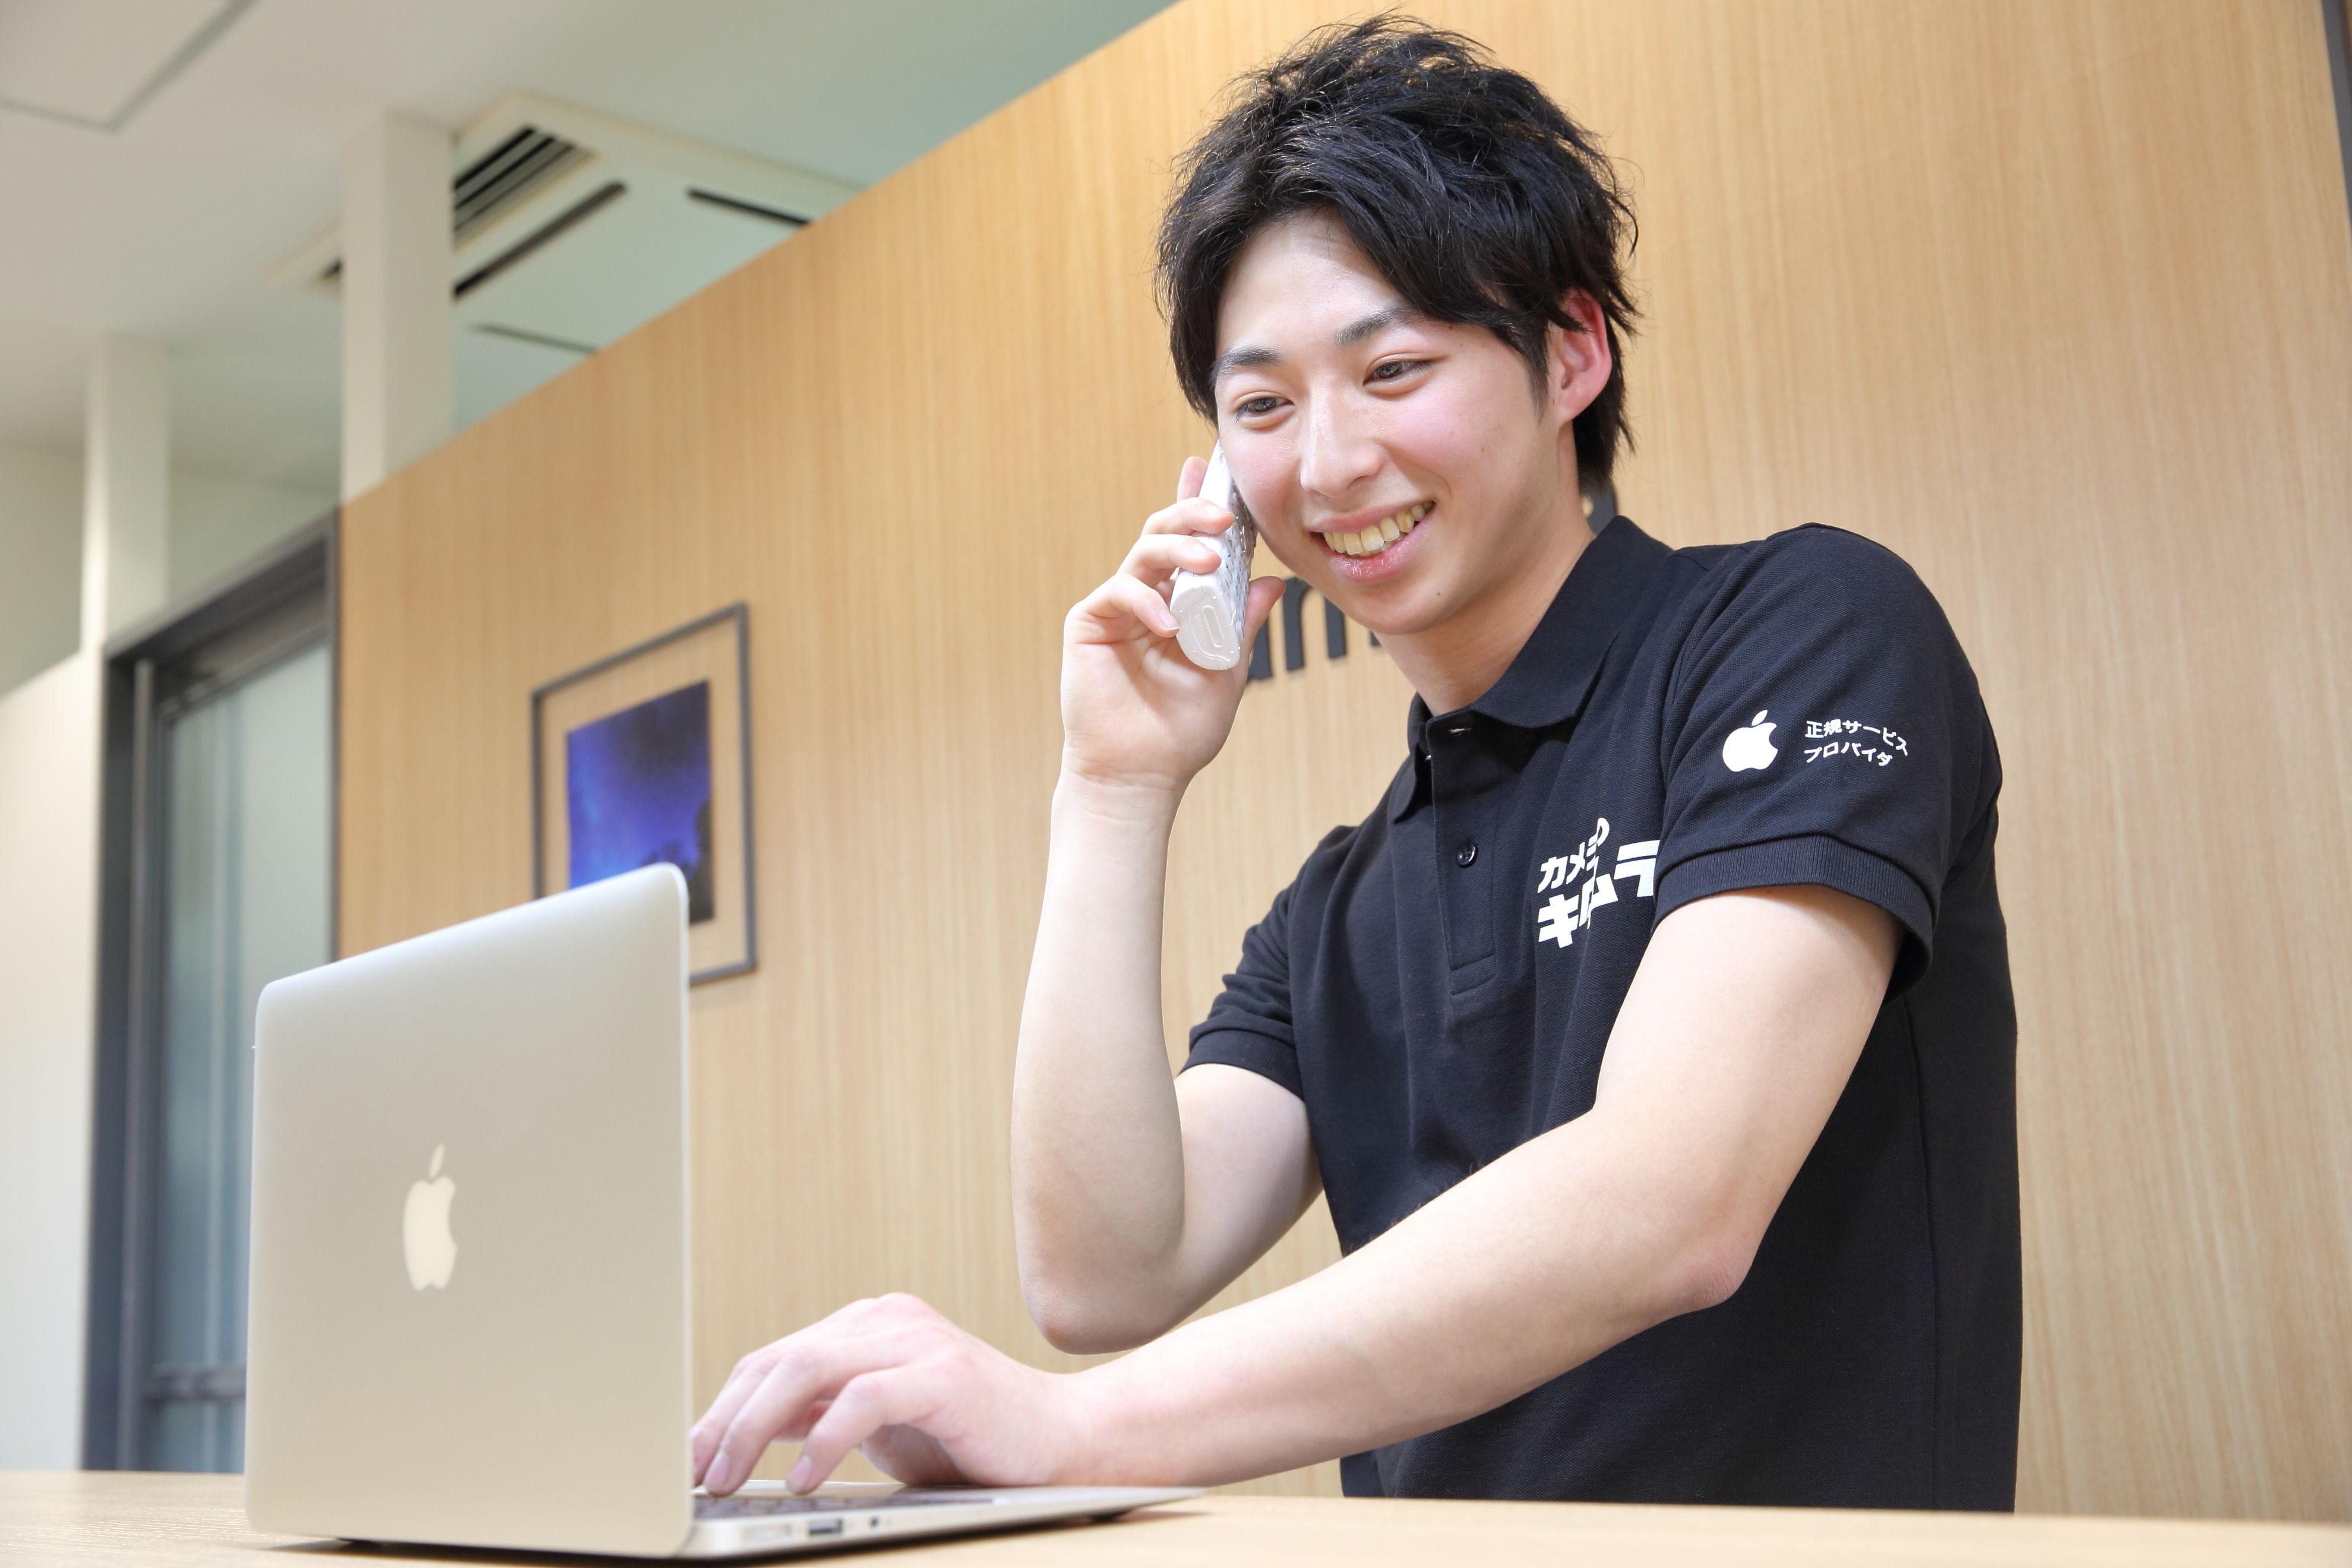 カメラのキタムラ アップル製品サービス 岡崎/イオン岡崎南店 のアルバイト情報